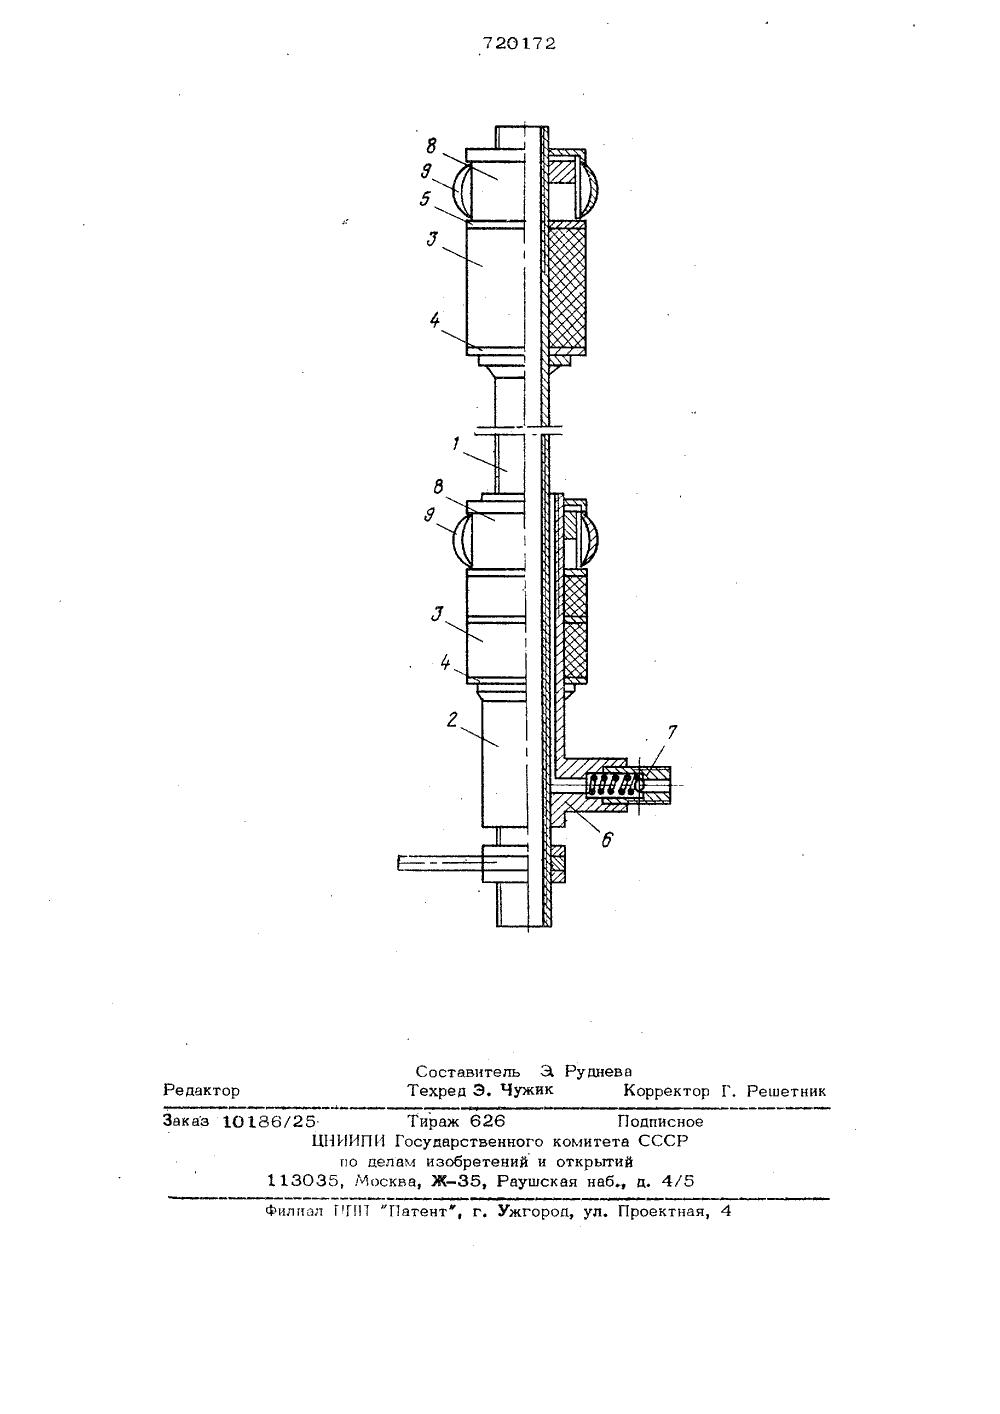 Гидрозатвор для скважины